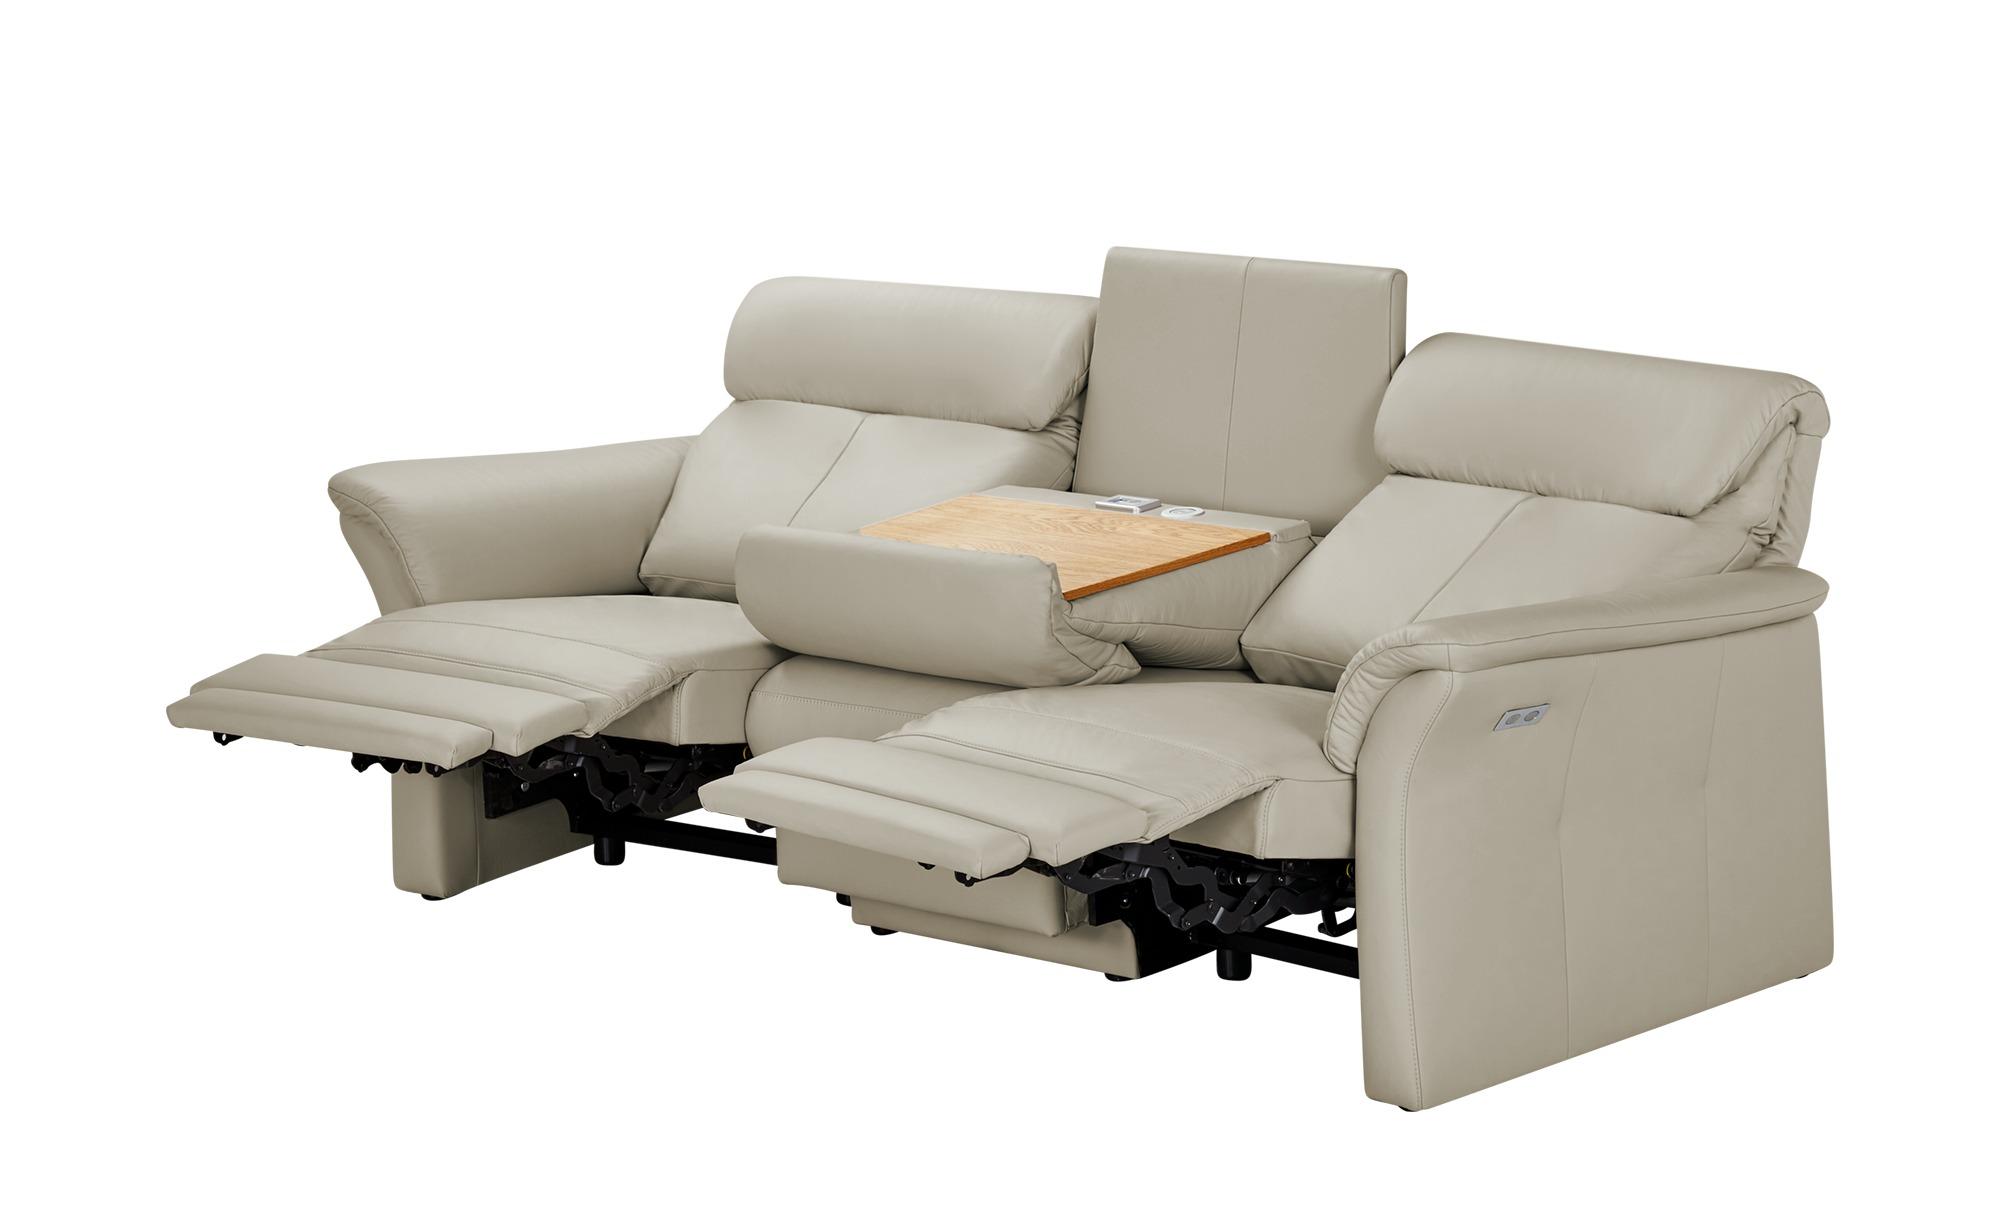 wohnwert trapezsofa grau leder lena funktion. Black Bedroom Furniture Sets. Home Design Ideas